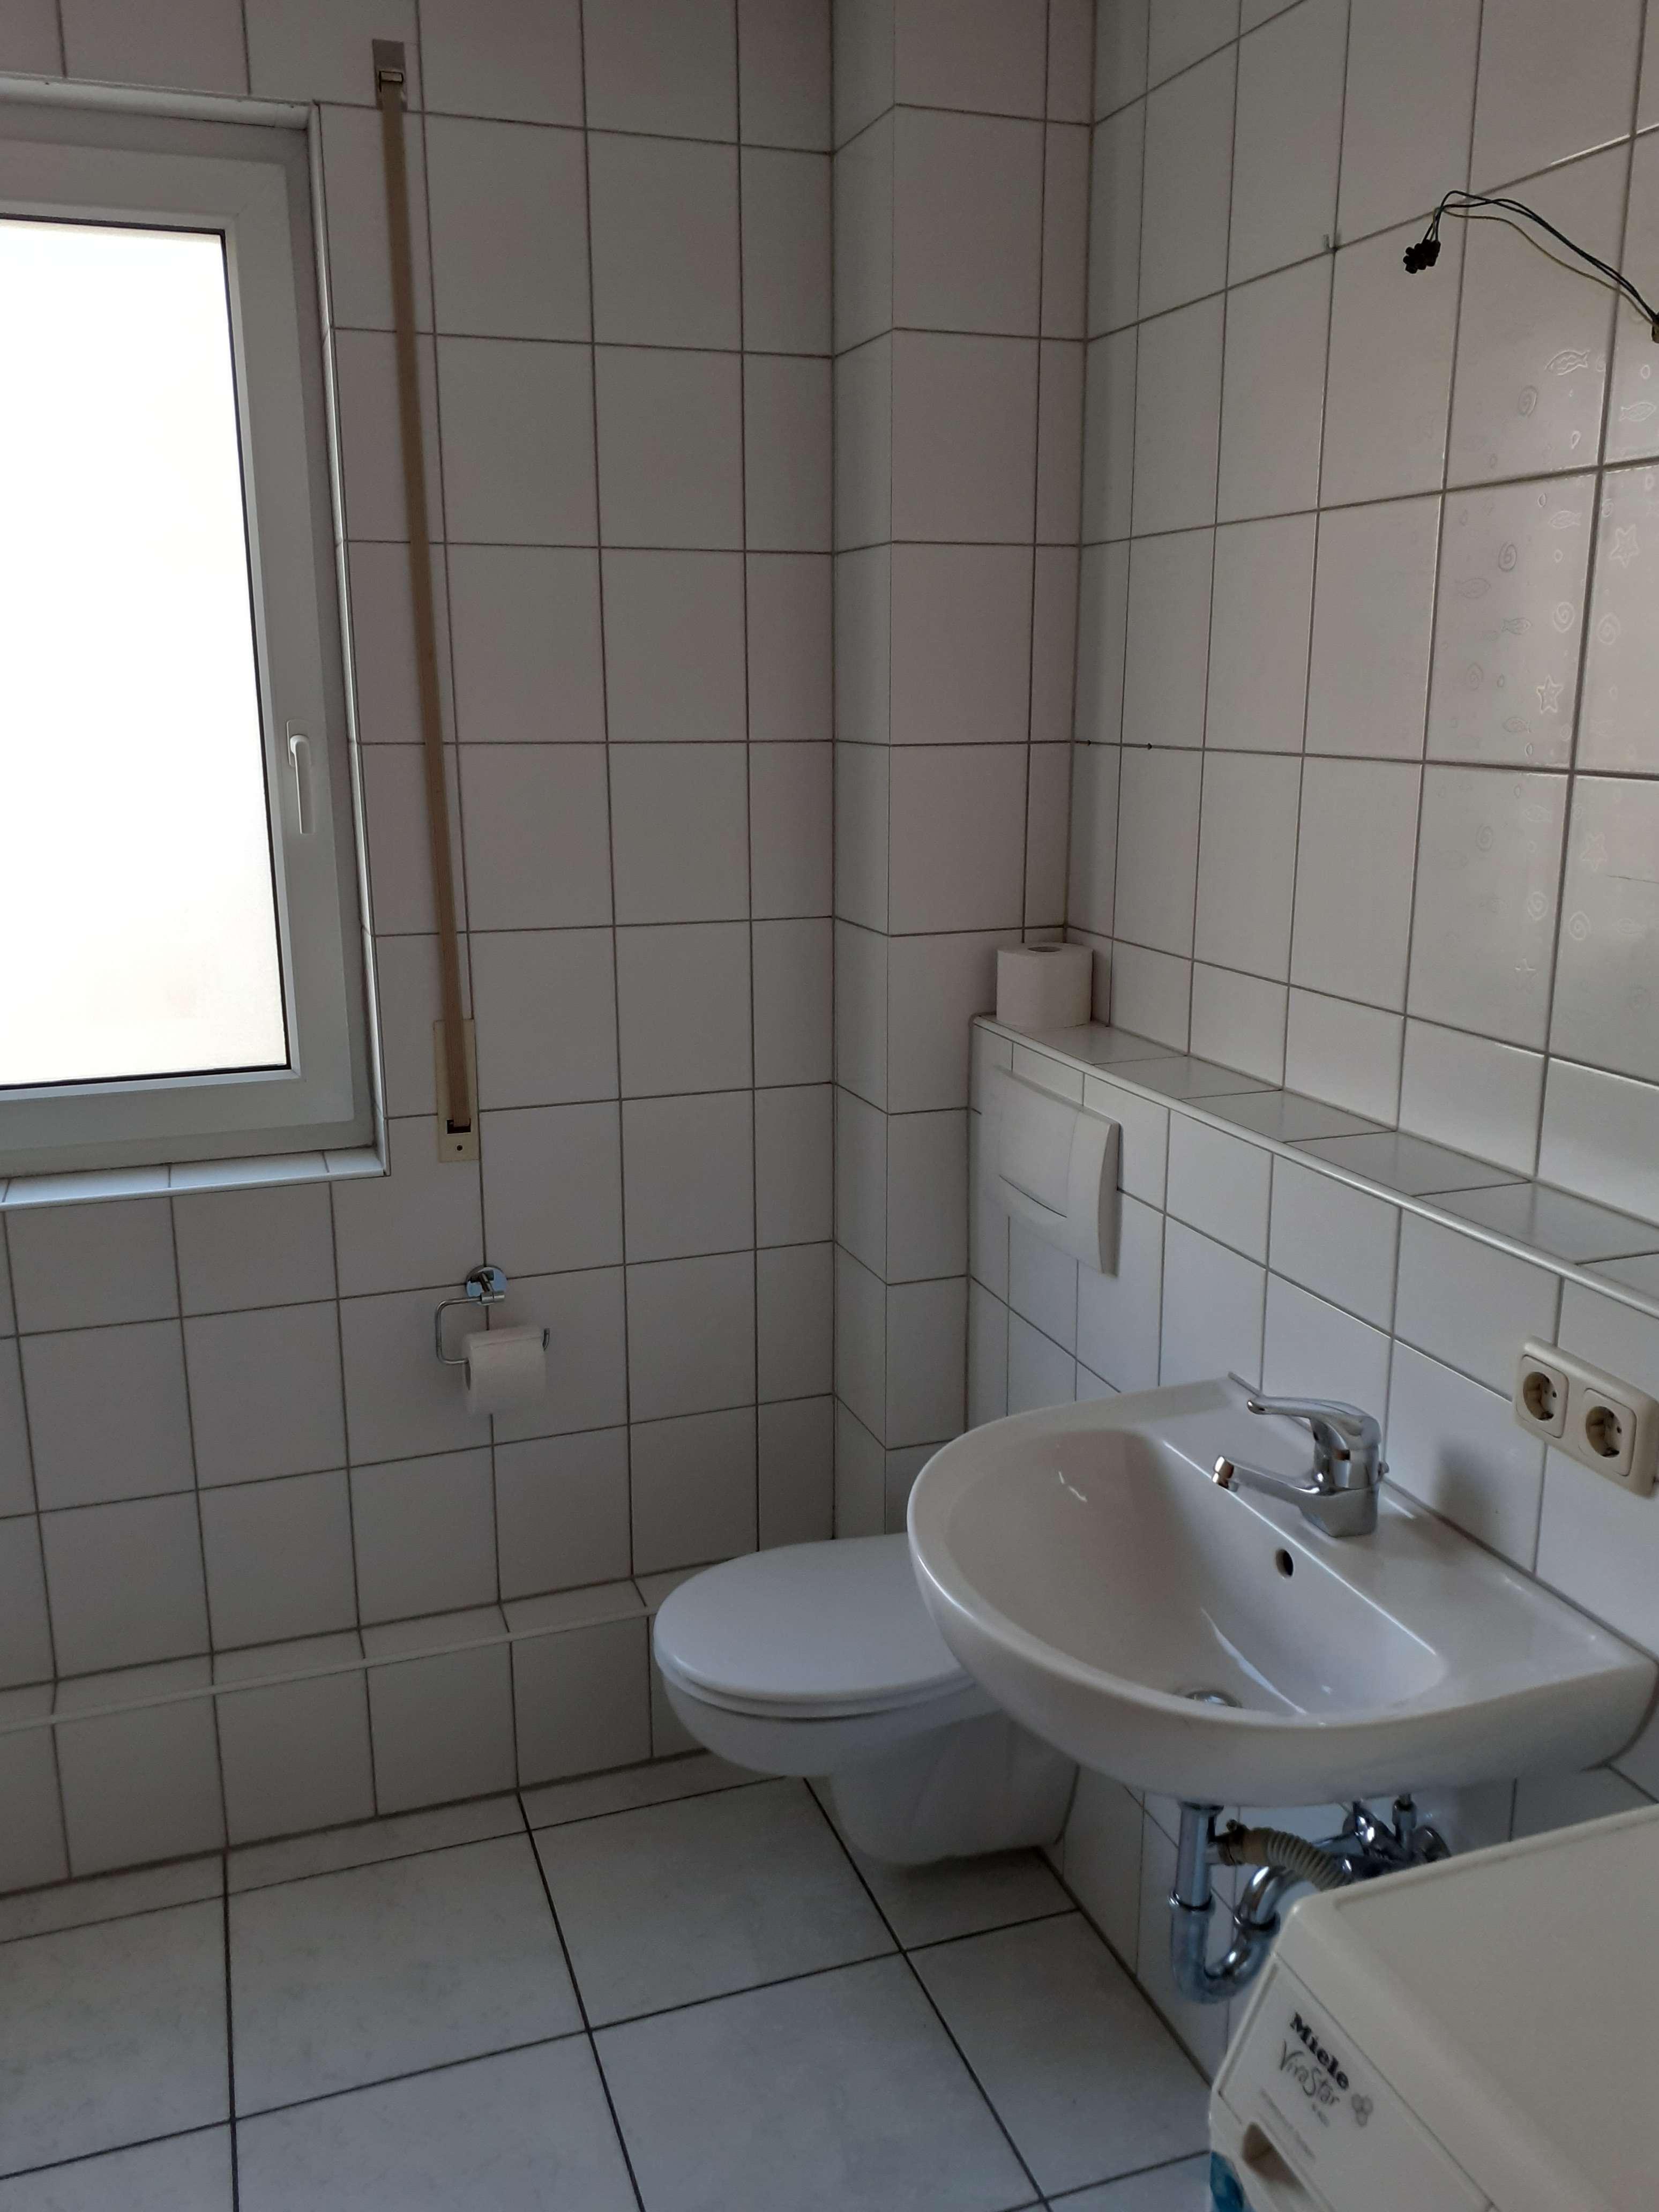 Schöne 3-Raum-Wohnung mit EBK und Balkon in Neumarkt in der Oberpfalz in Neumarkt in der Oberpfalz (Neumarkt in der Oberpfalz)